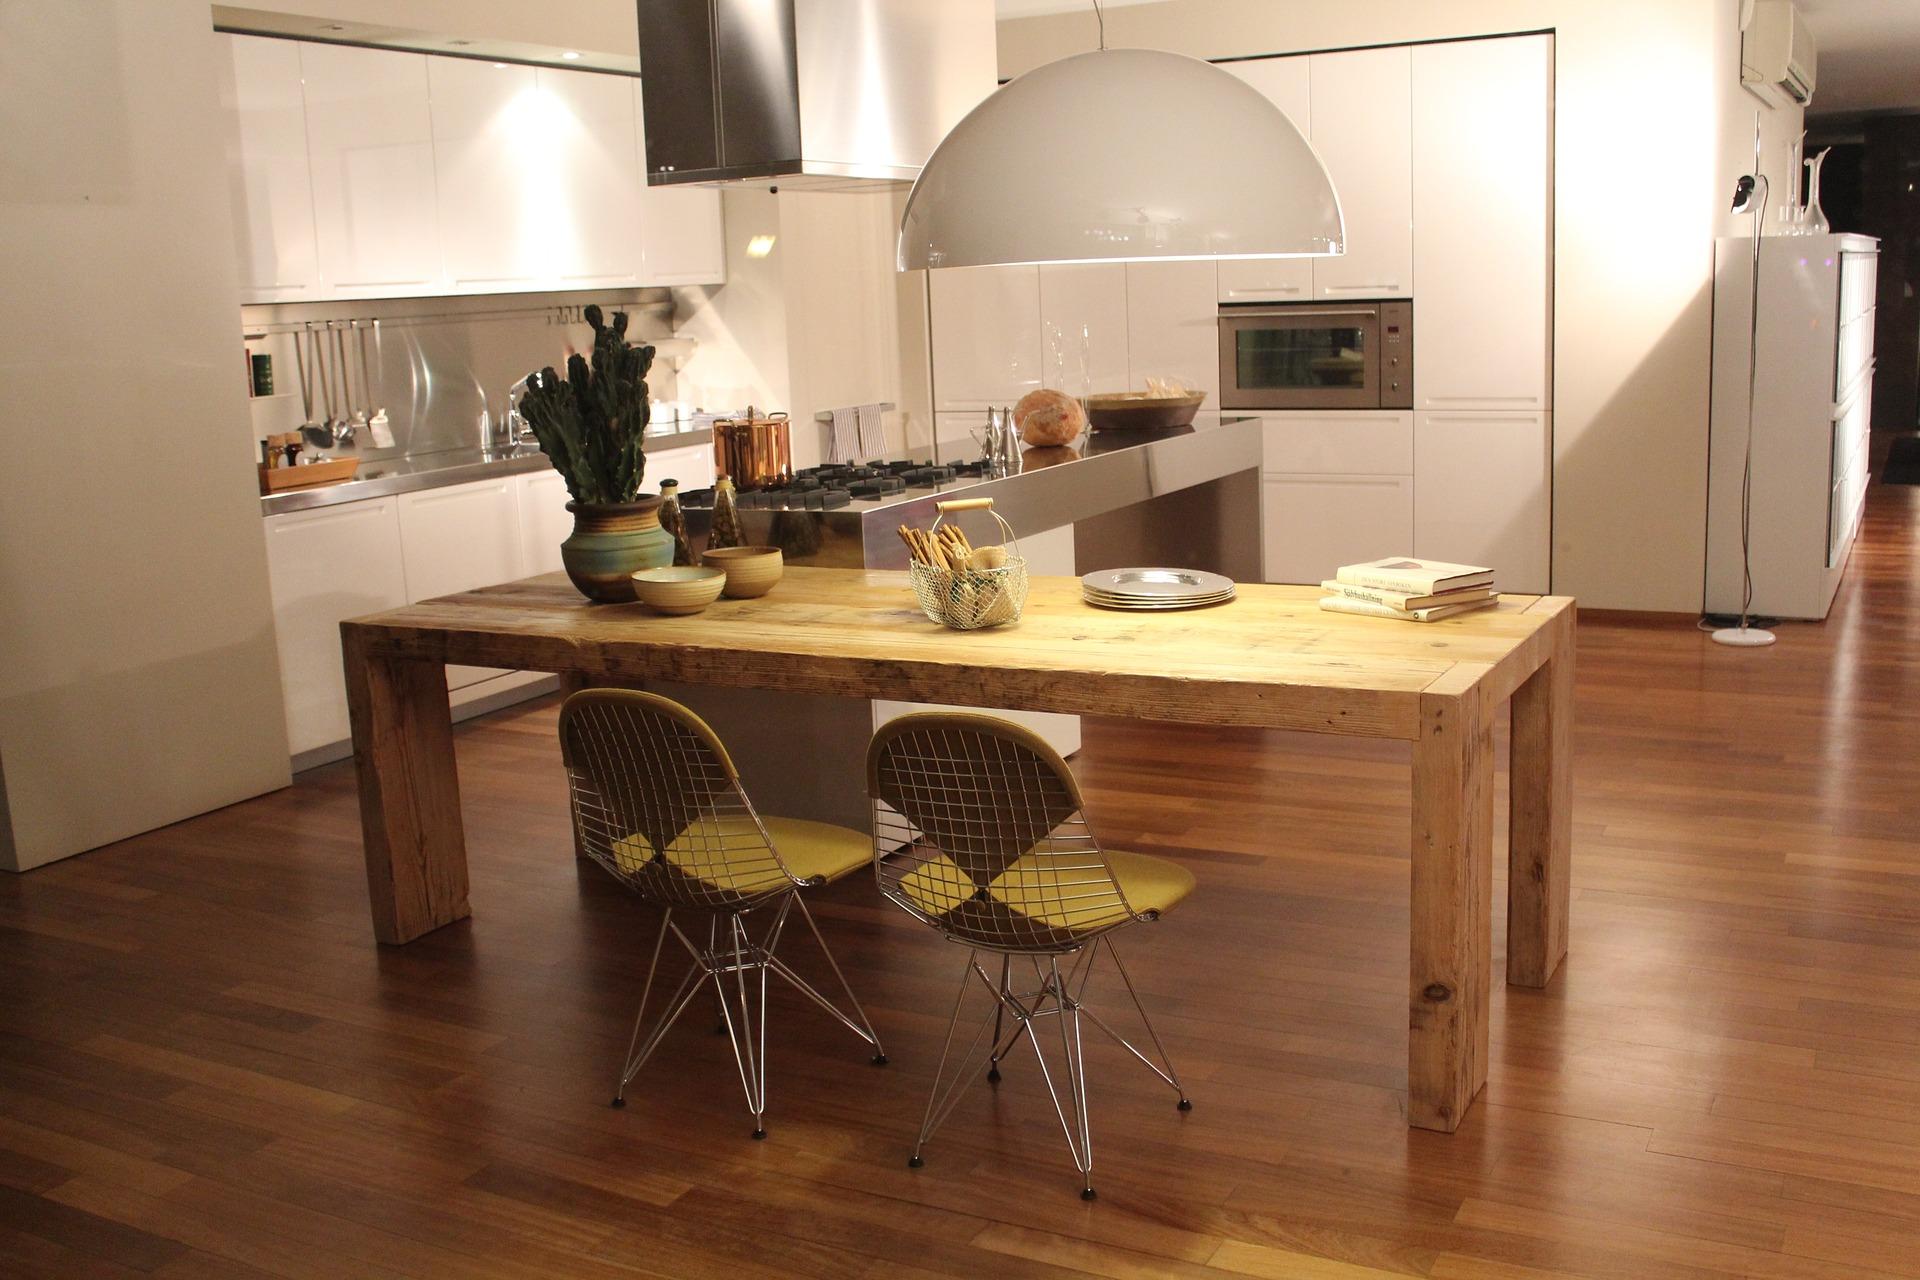 kitchen-1242698_1920